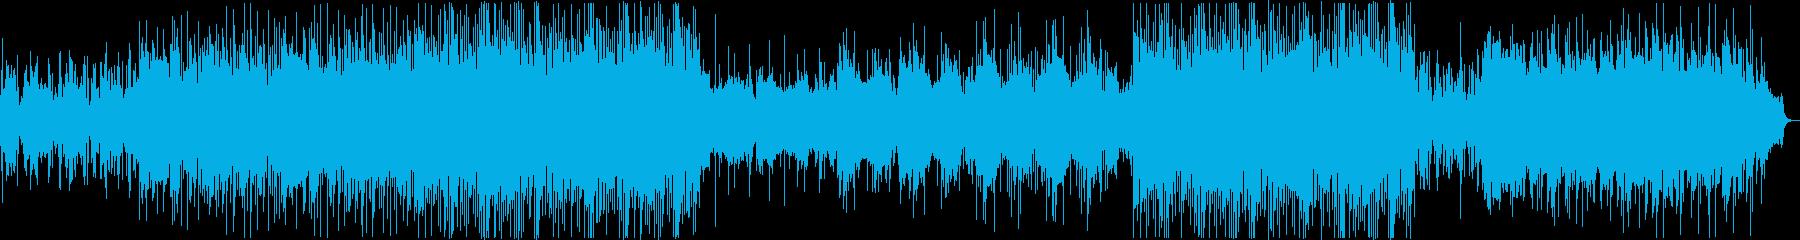 法人 サスペンス 技術的な 感情的...の再生済みの波形